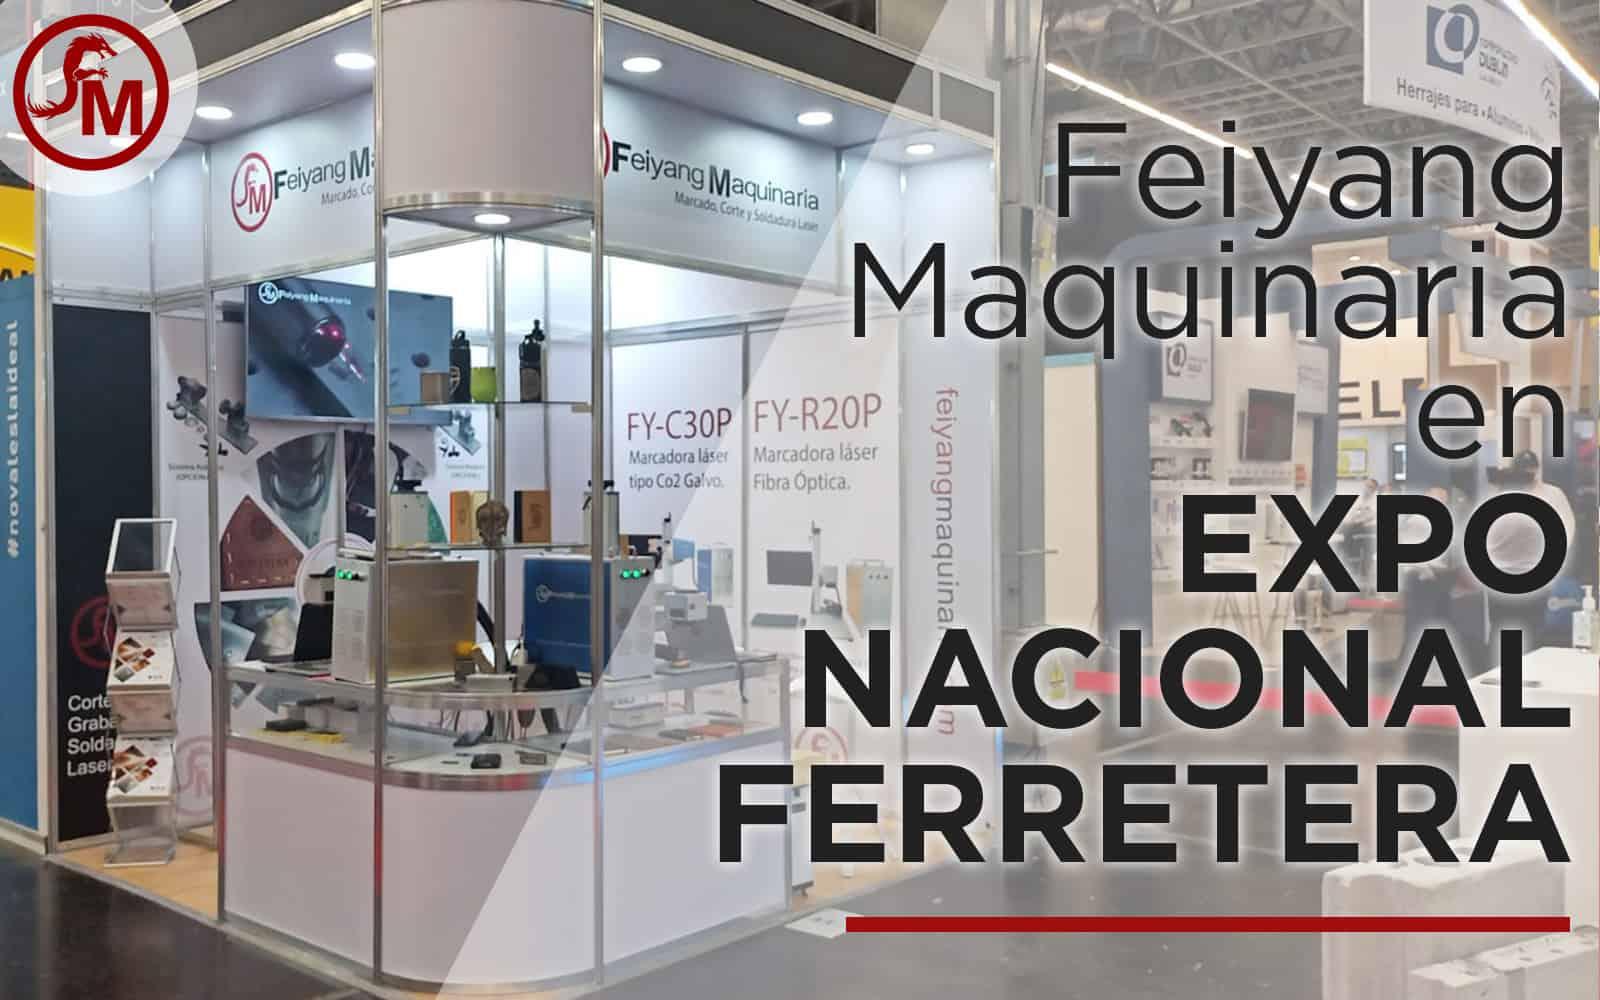 eXPO nACIONAL fERRETERA fEIYANG mAQUINARIA LÁSER